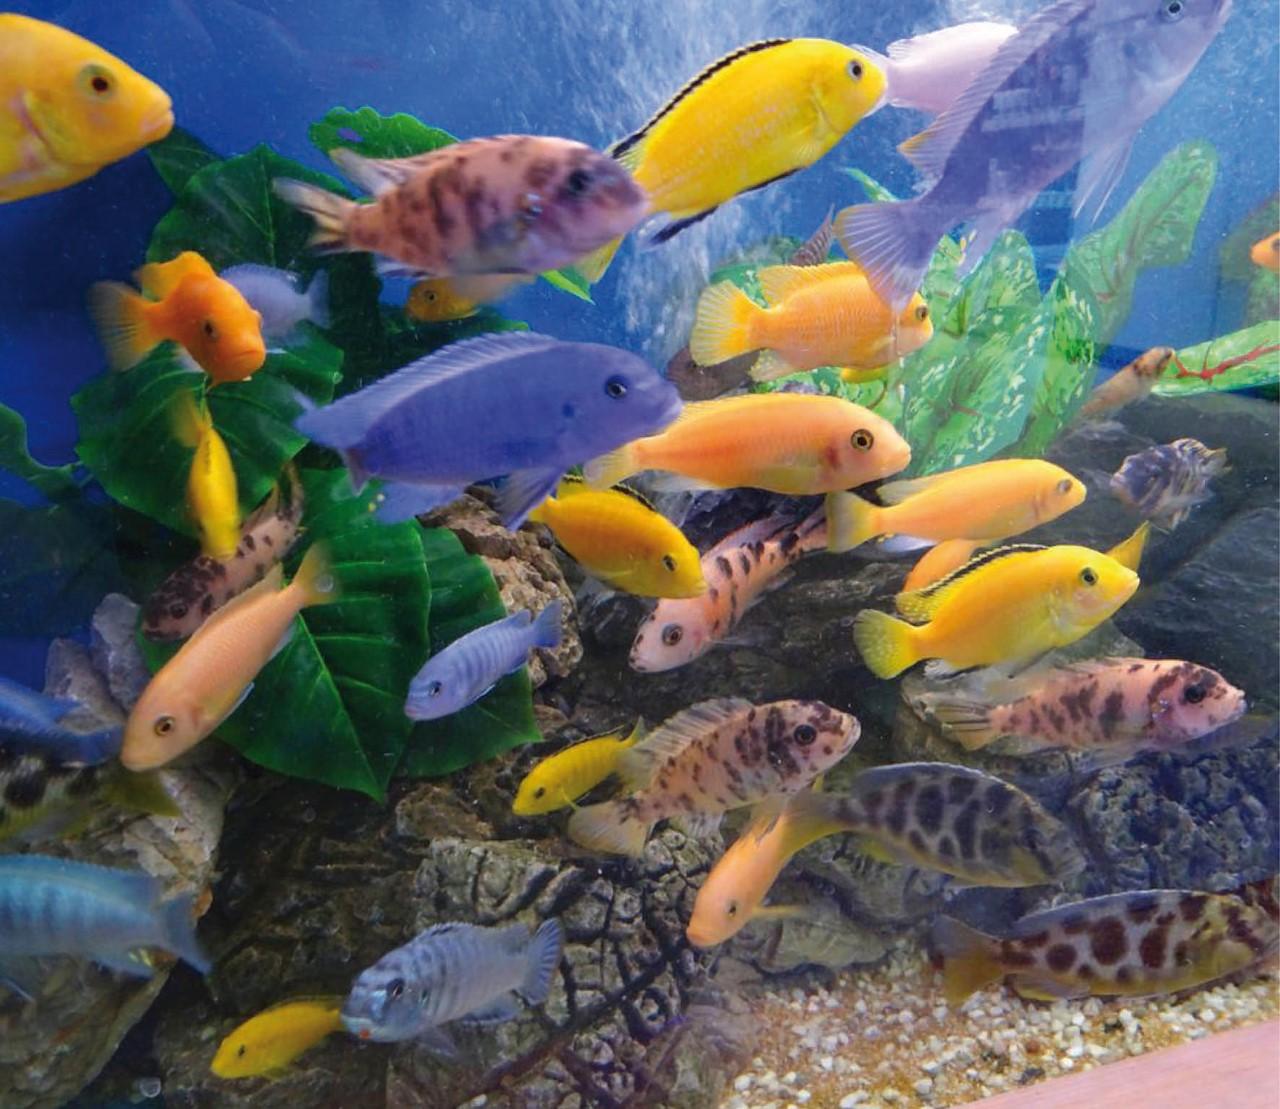 Hoe start ik een cichliden aquarium op?